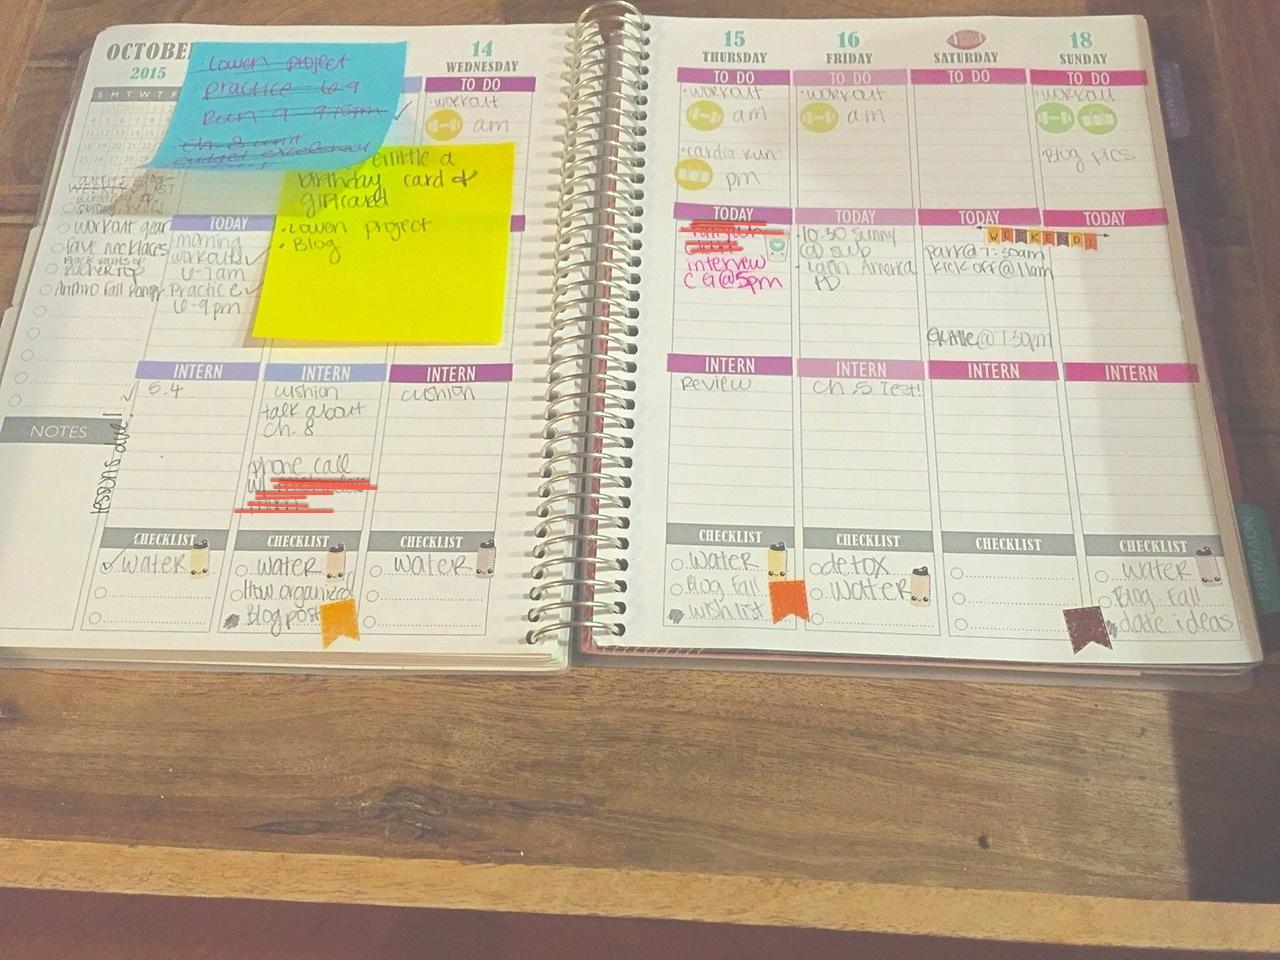 How do I get more organized?...?